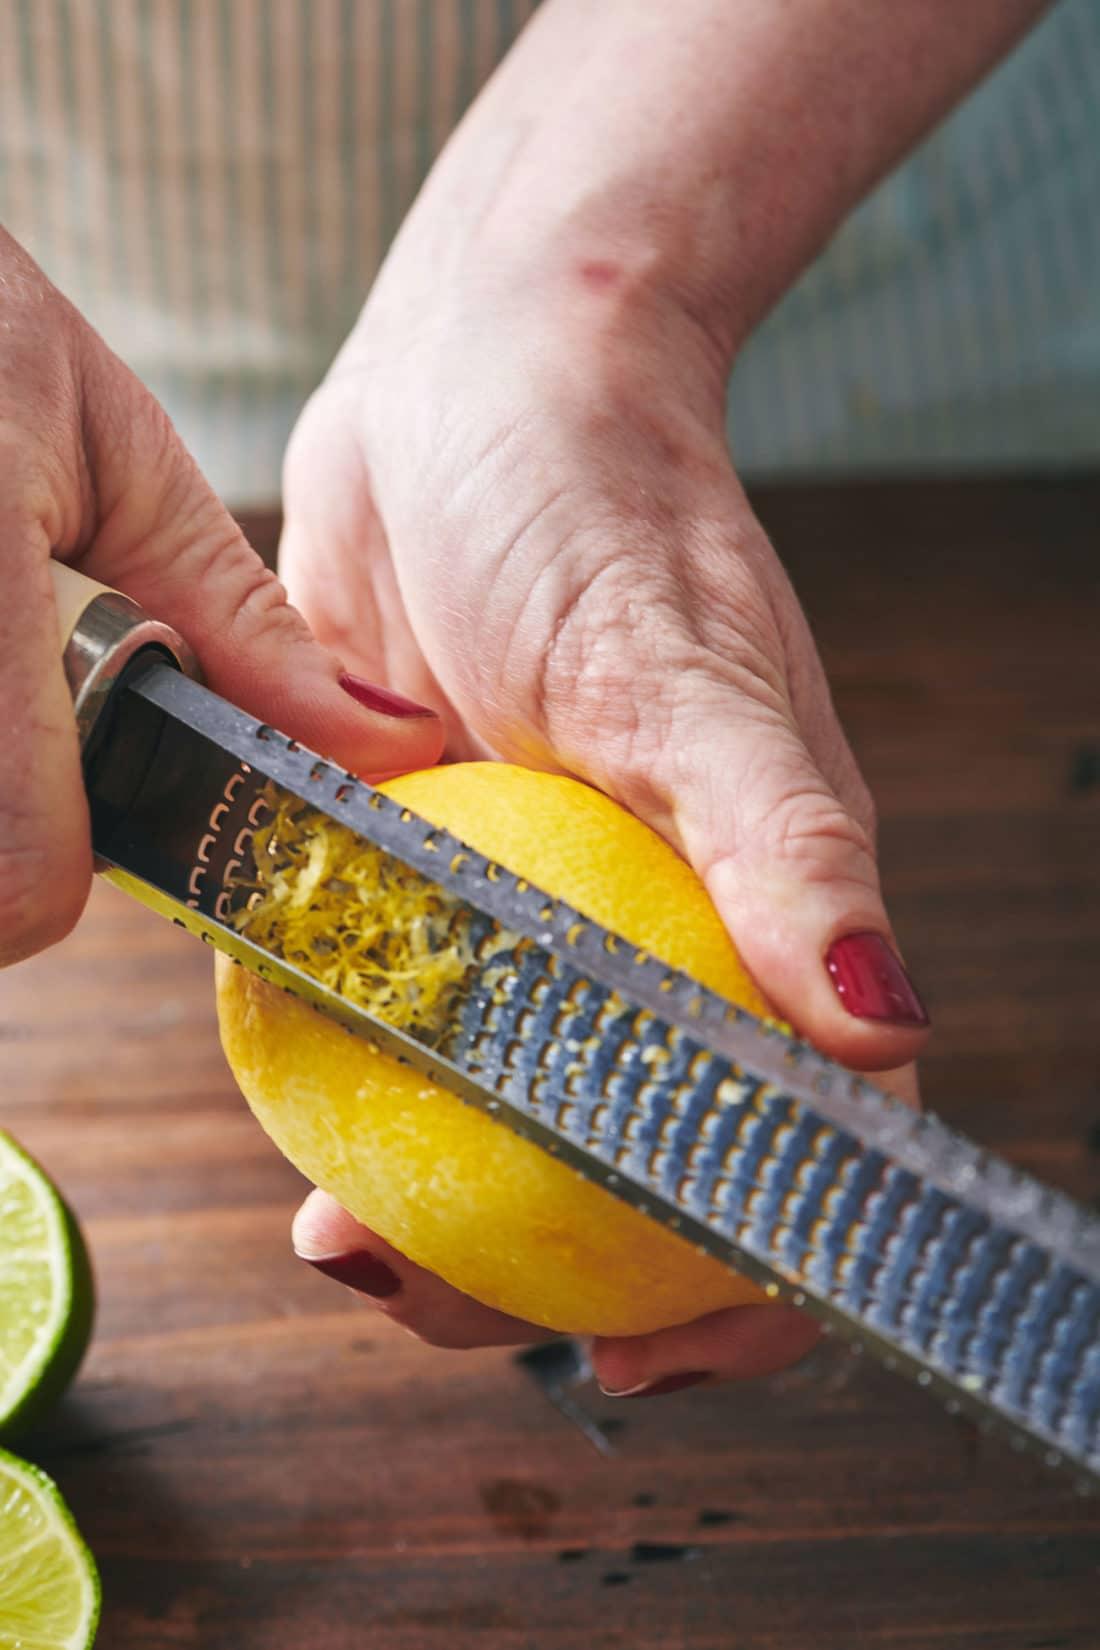 Zesting lemons